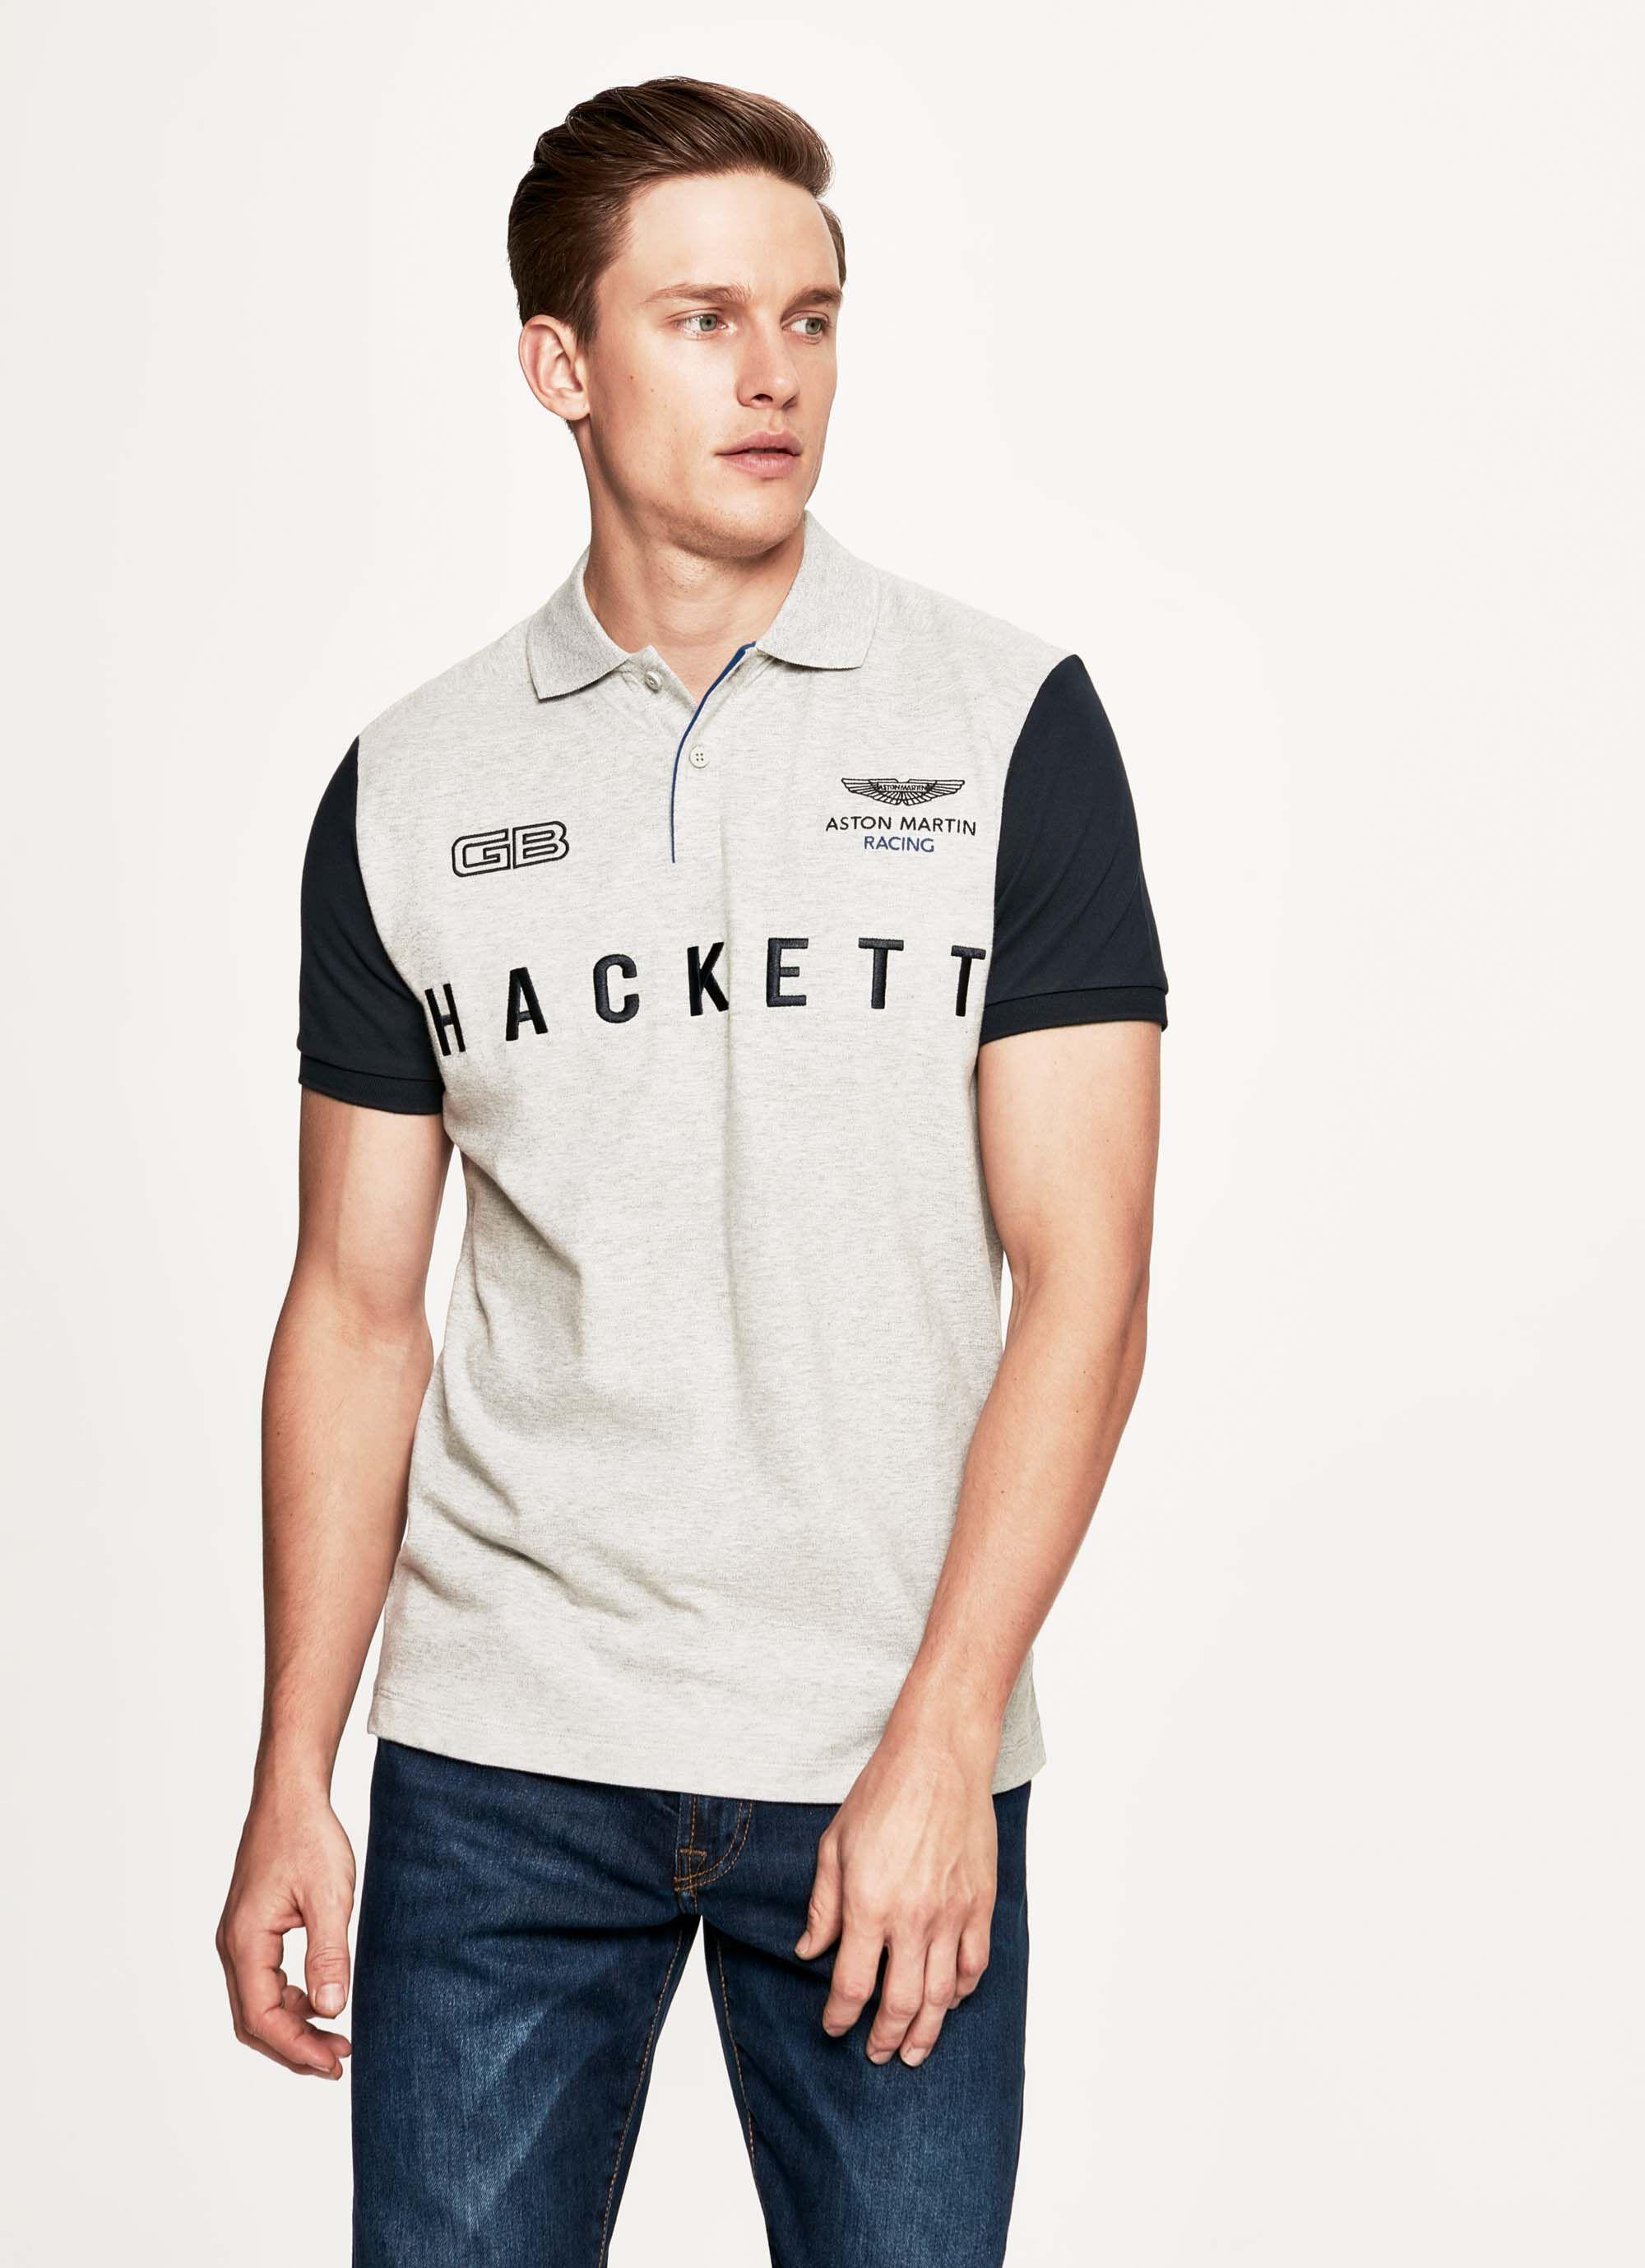 aston martin racing men's solid colour short-sleeve polo cotton shirt | small | grey/navy